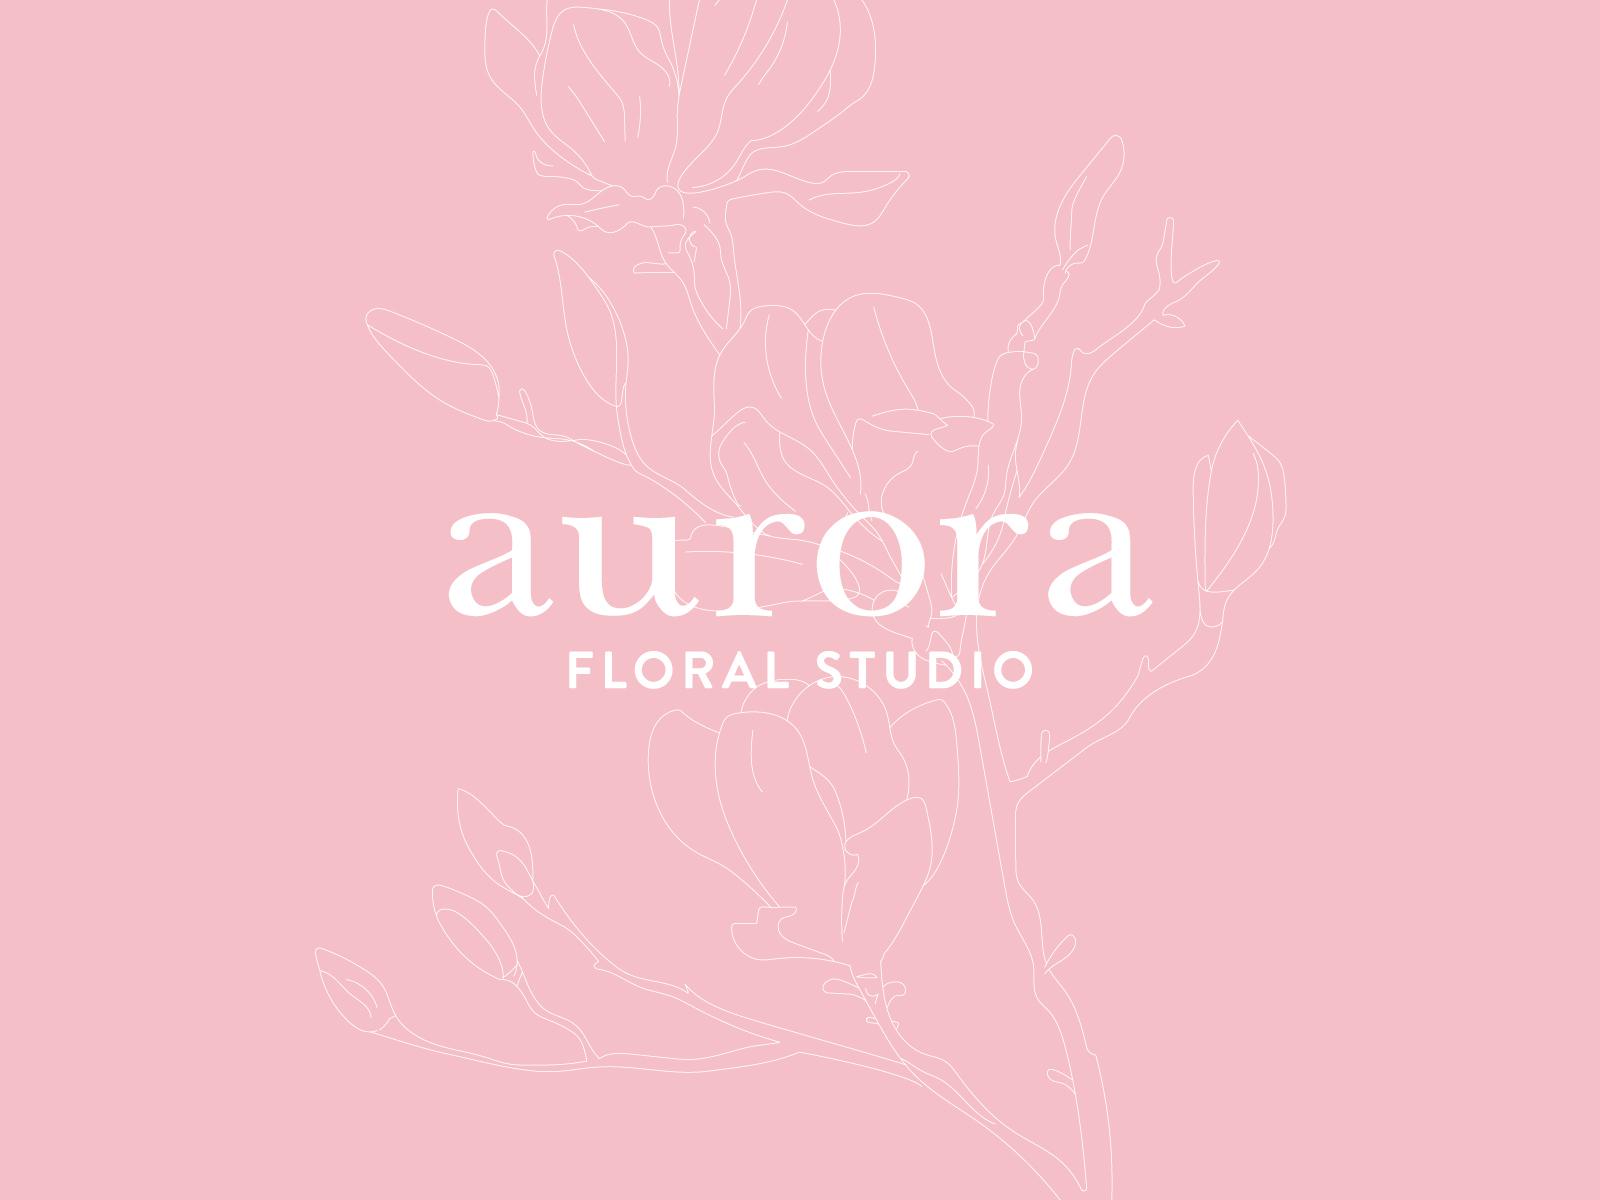 aurora-floral-studio-1.jpg